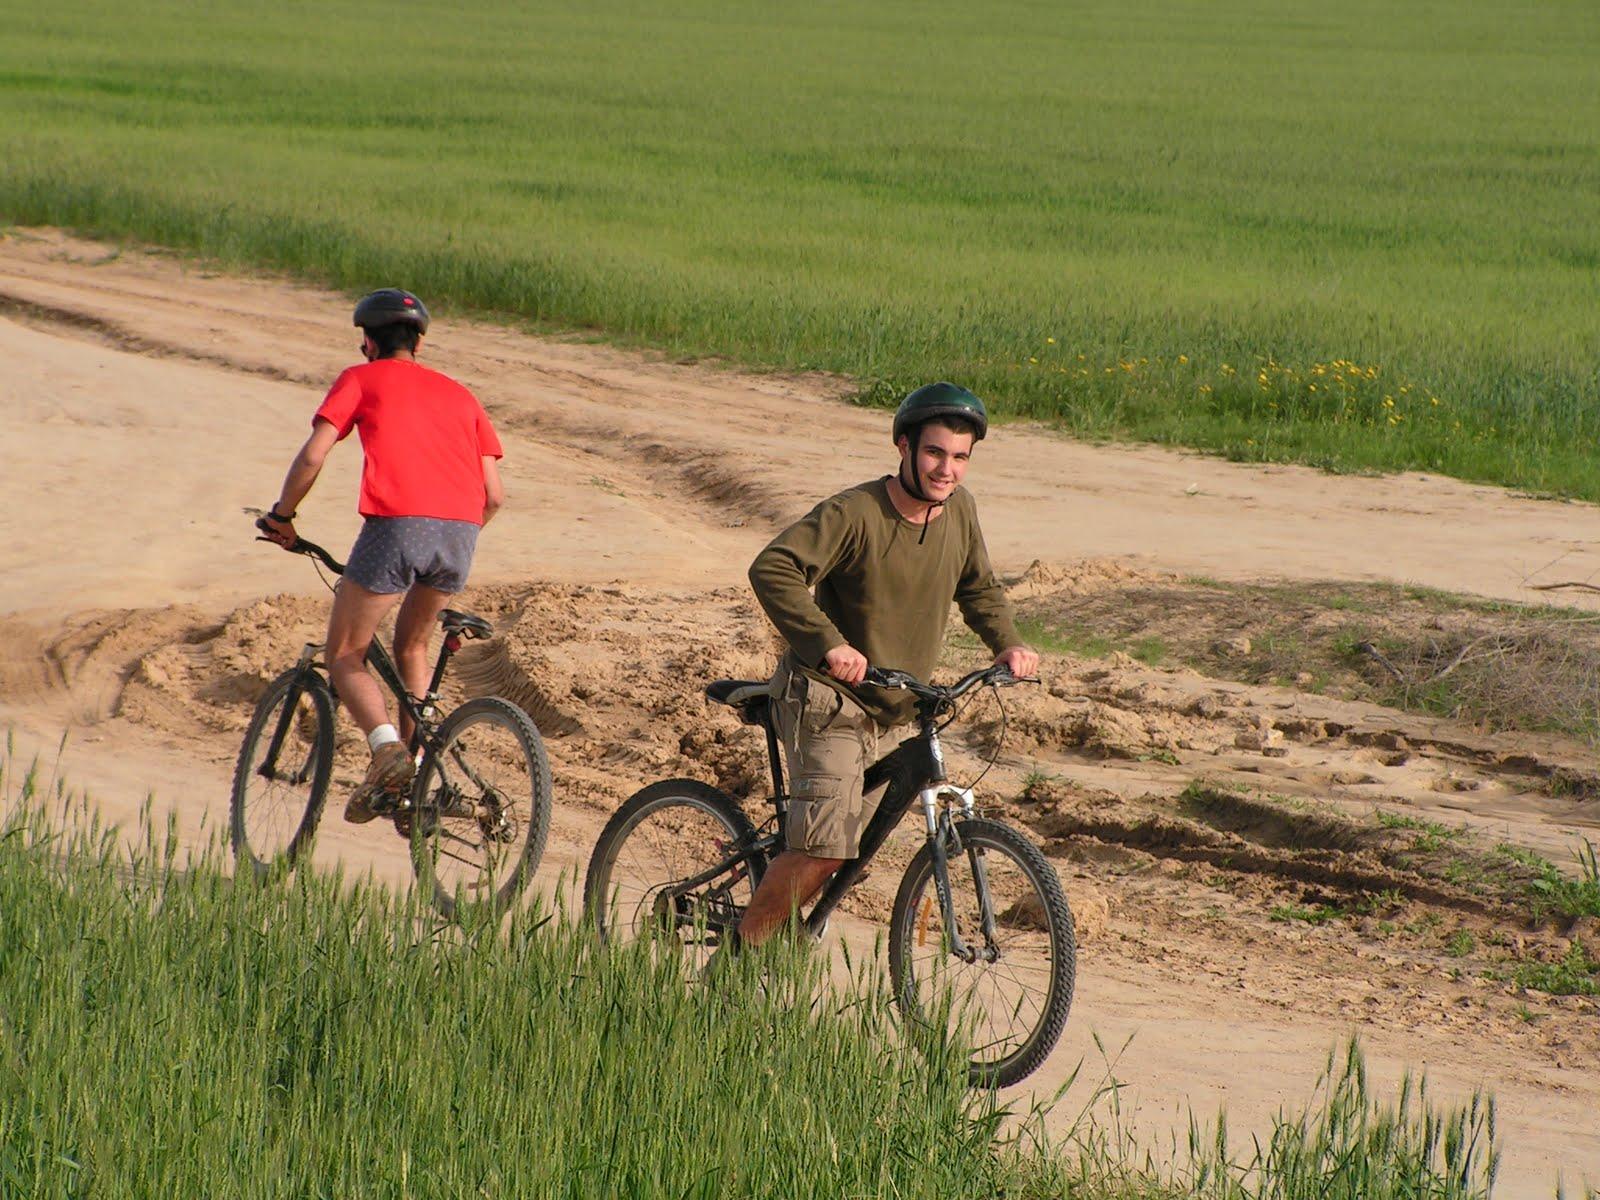 סדנת פיתוח צוות בעזרת אופניים